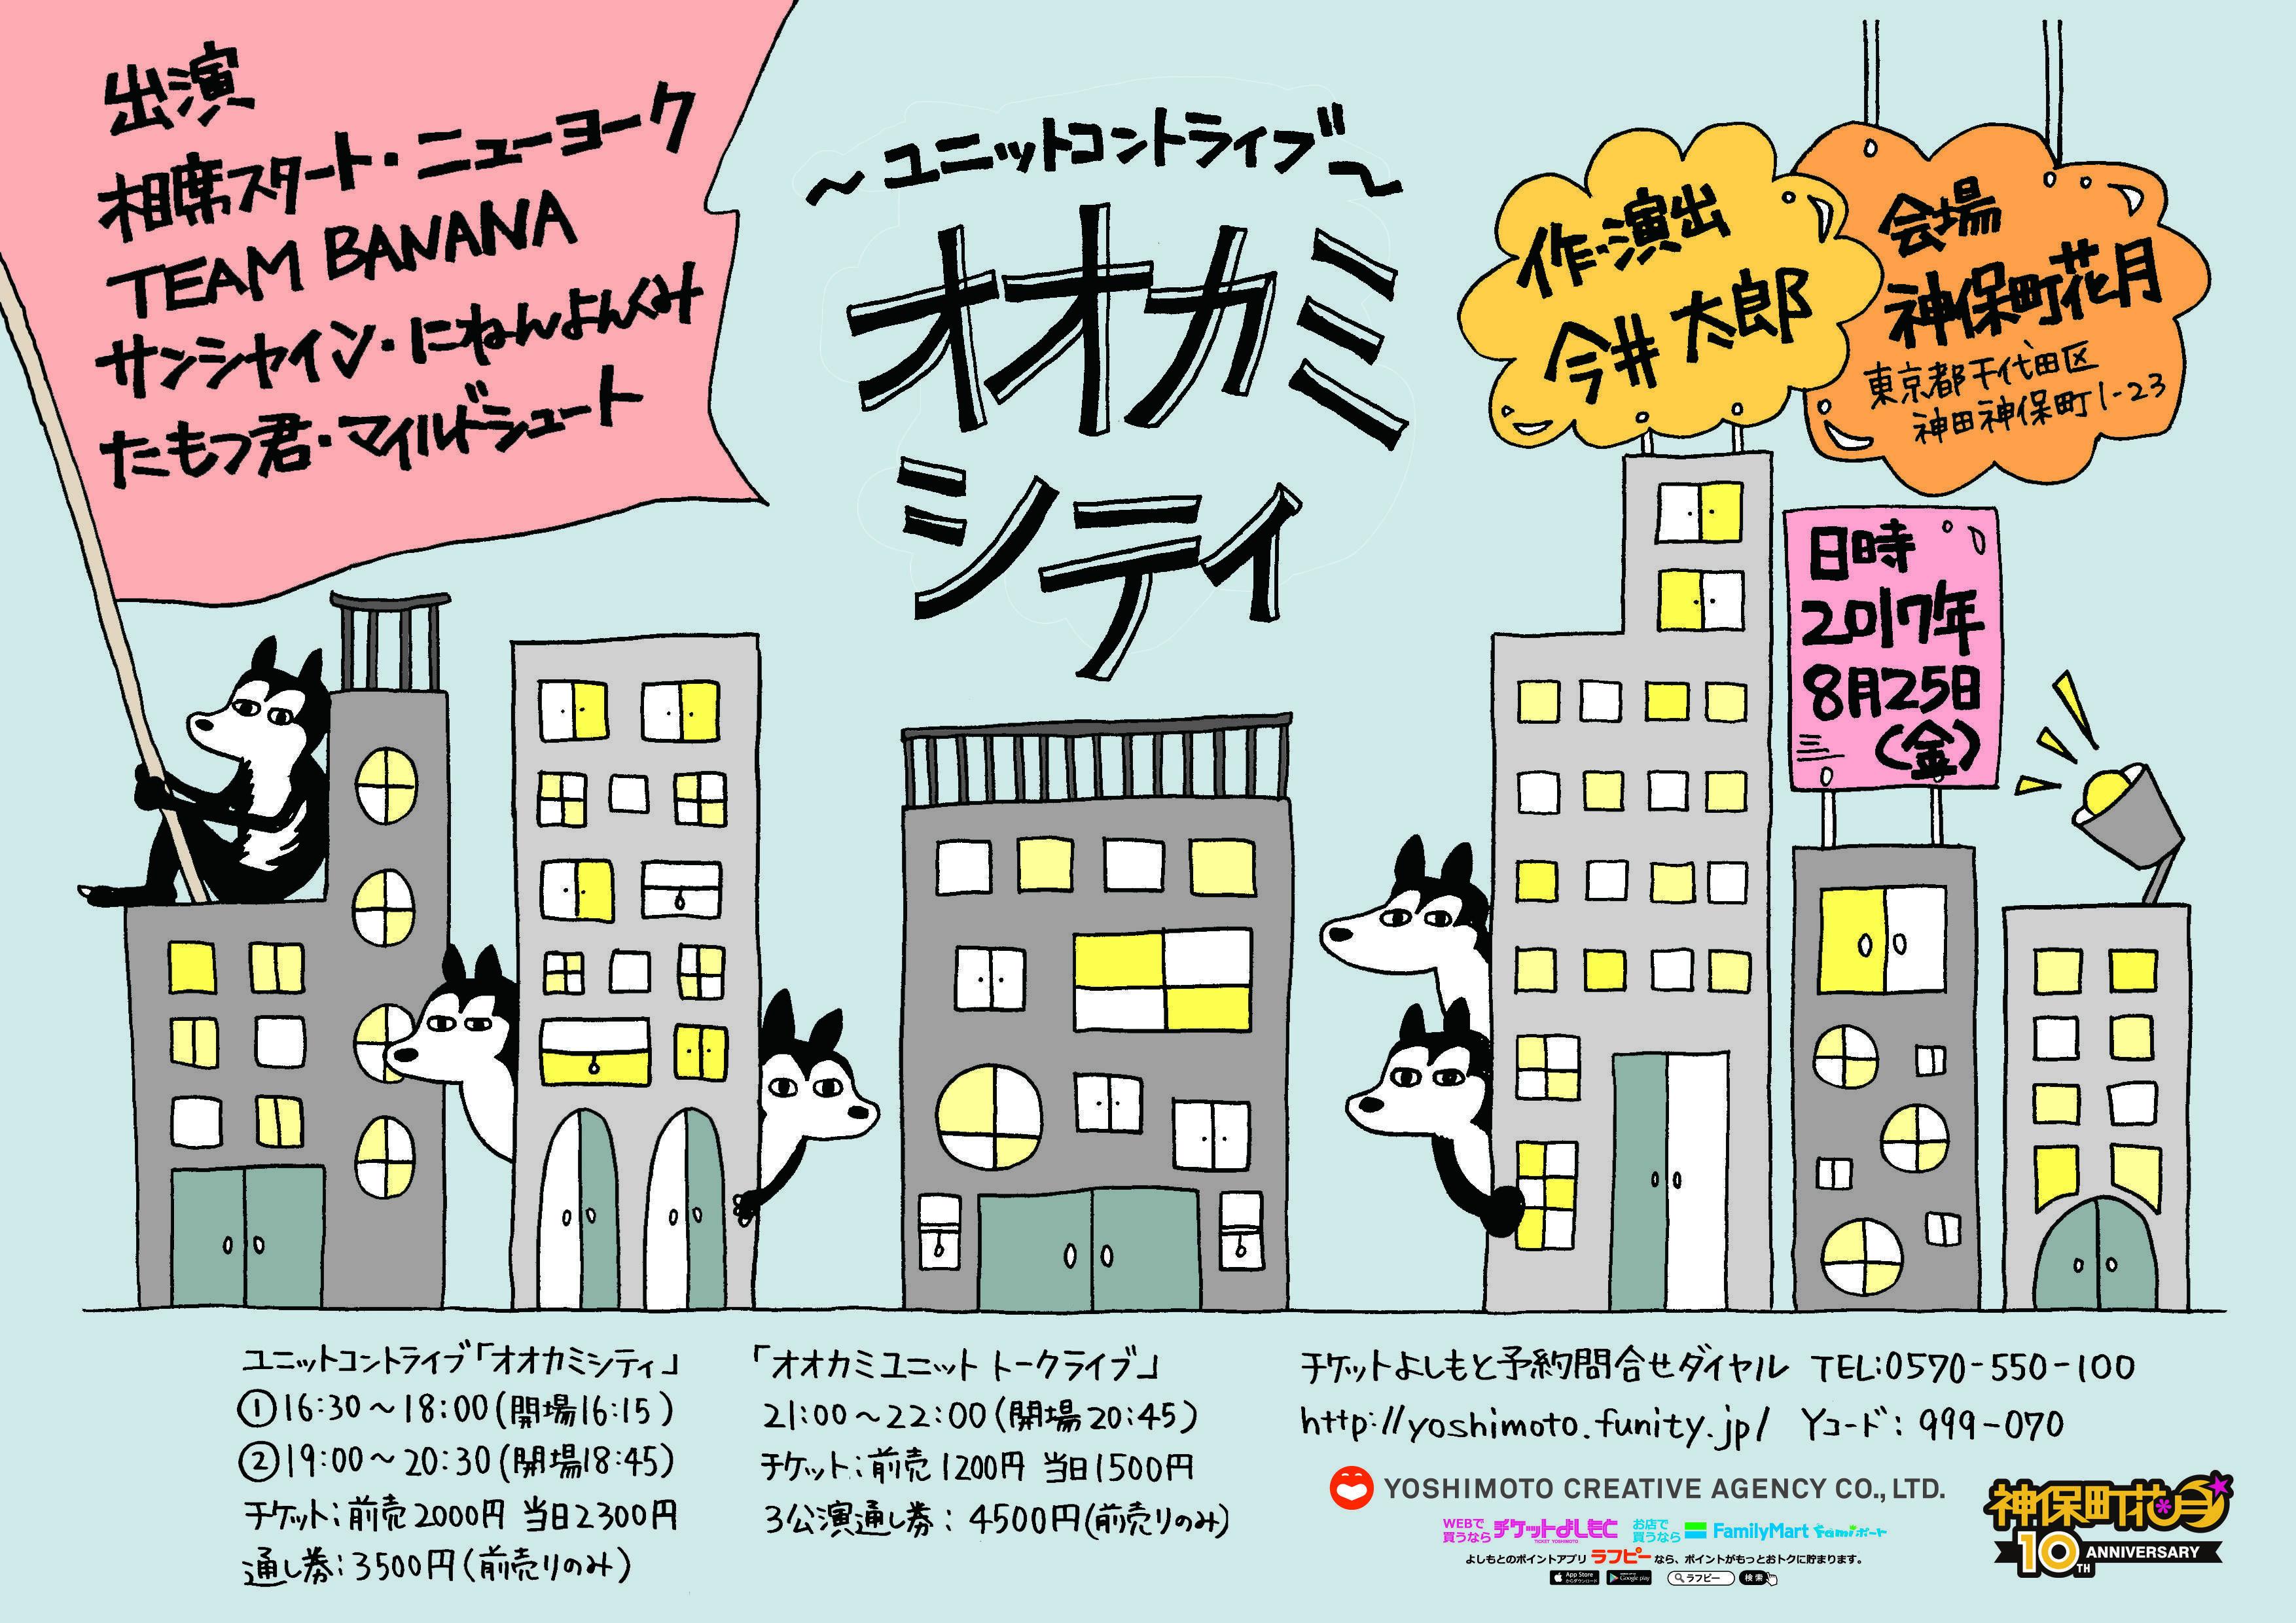 http://news.yoshimoto.co.jp/20170810110614-d4fd996058c6e1f7a52eb4f2437900e7a8774136.jpg